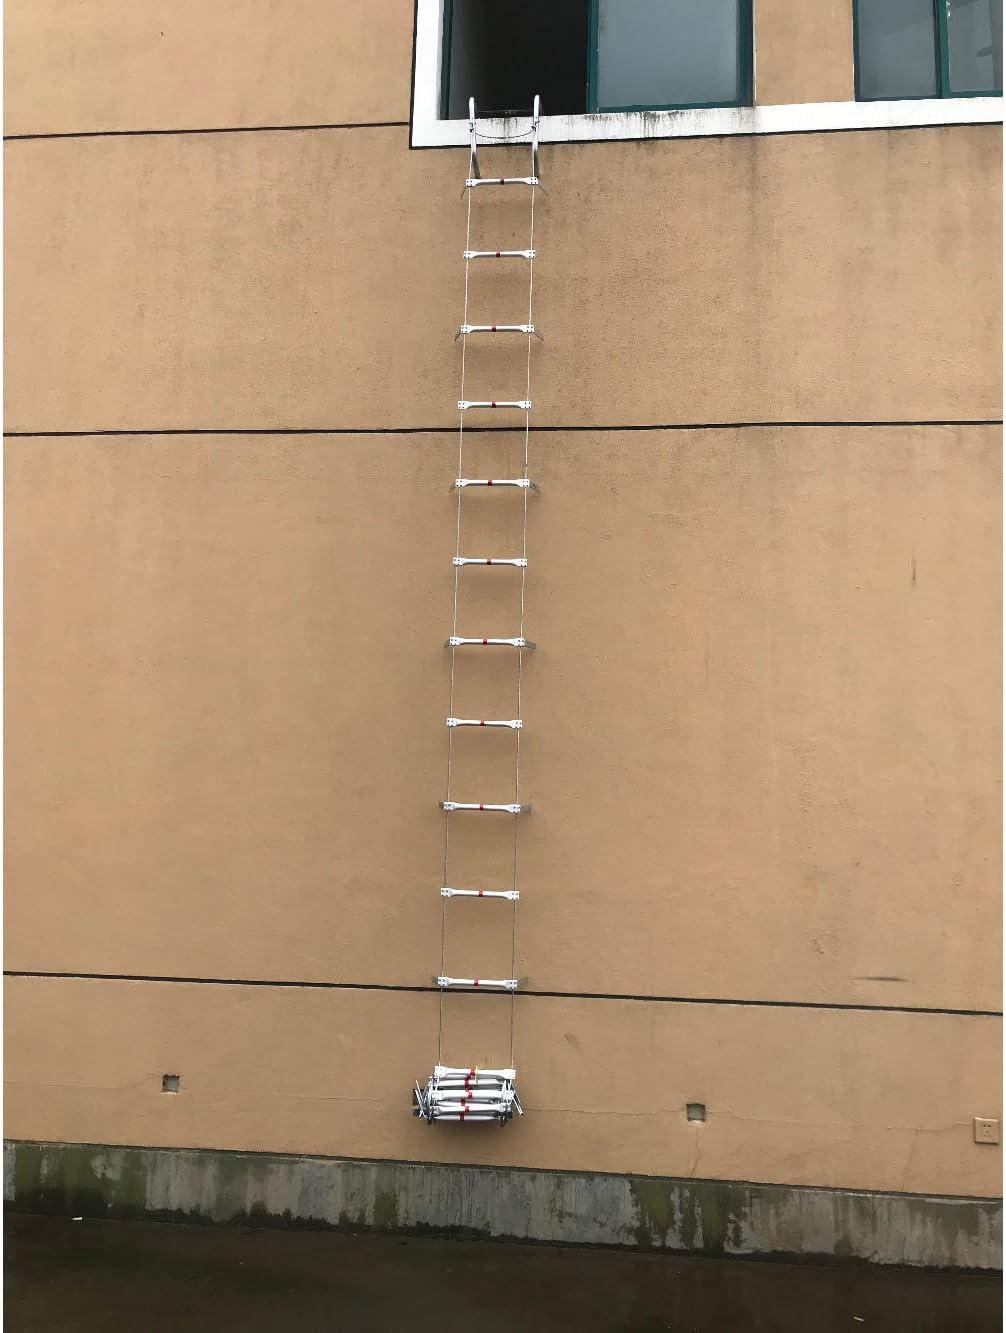 FIREDUXYL Escalera De Emergencia, Escaleras Suaves Plegables portátiles del Alambre de Acero de aleación de Aluminio, Trabajo en Altura, Ingeniería de la Construcción,15m: Amazon.es: Hogar